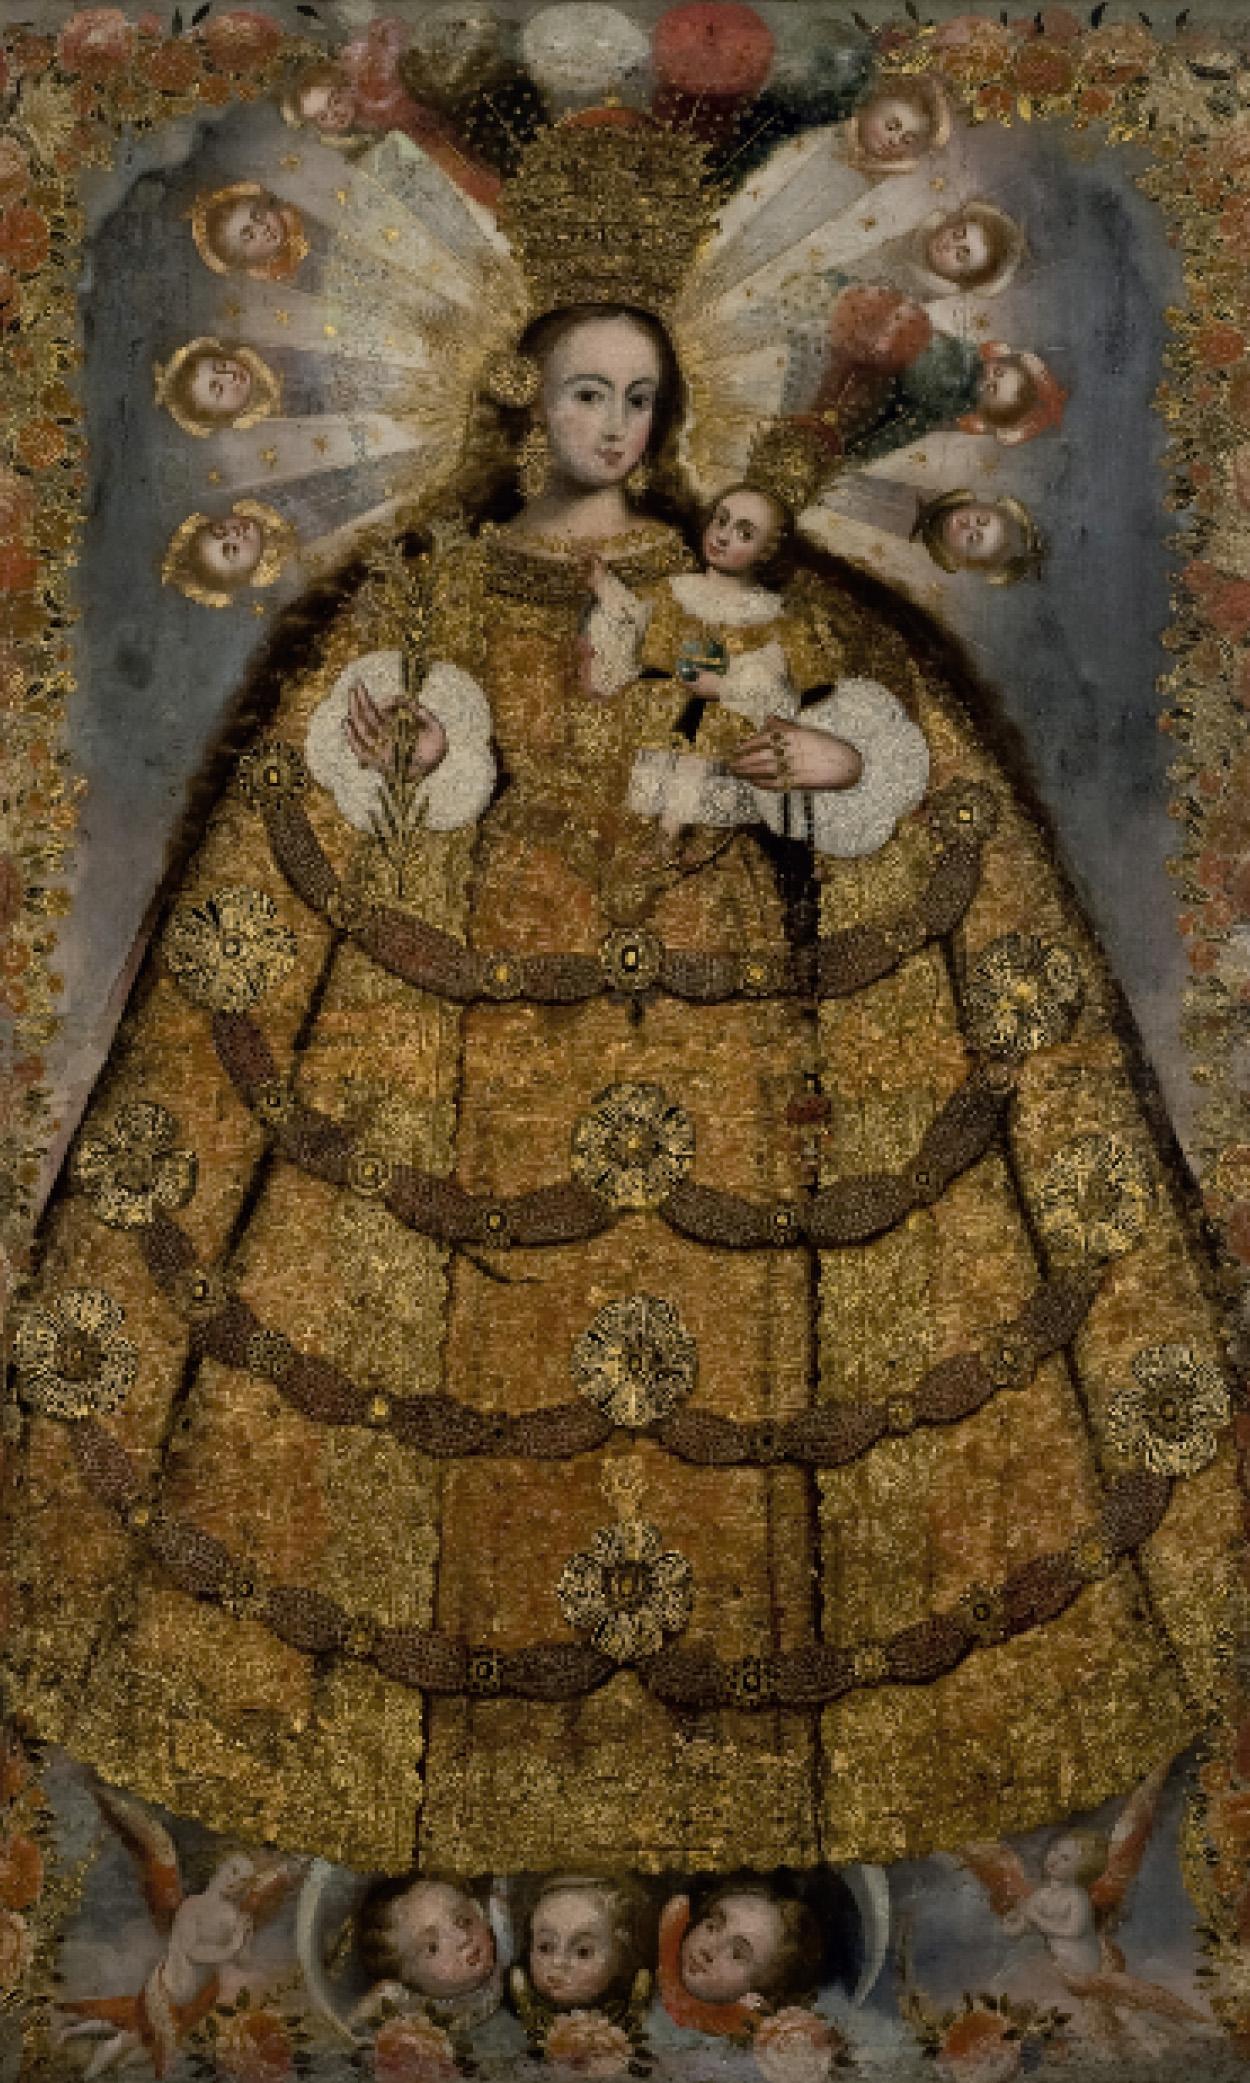 Virgen del Rosario de Pomata (1729 - 1759)